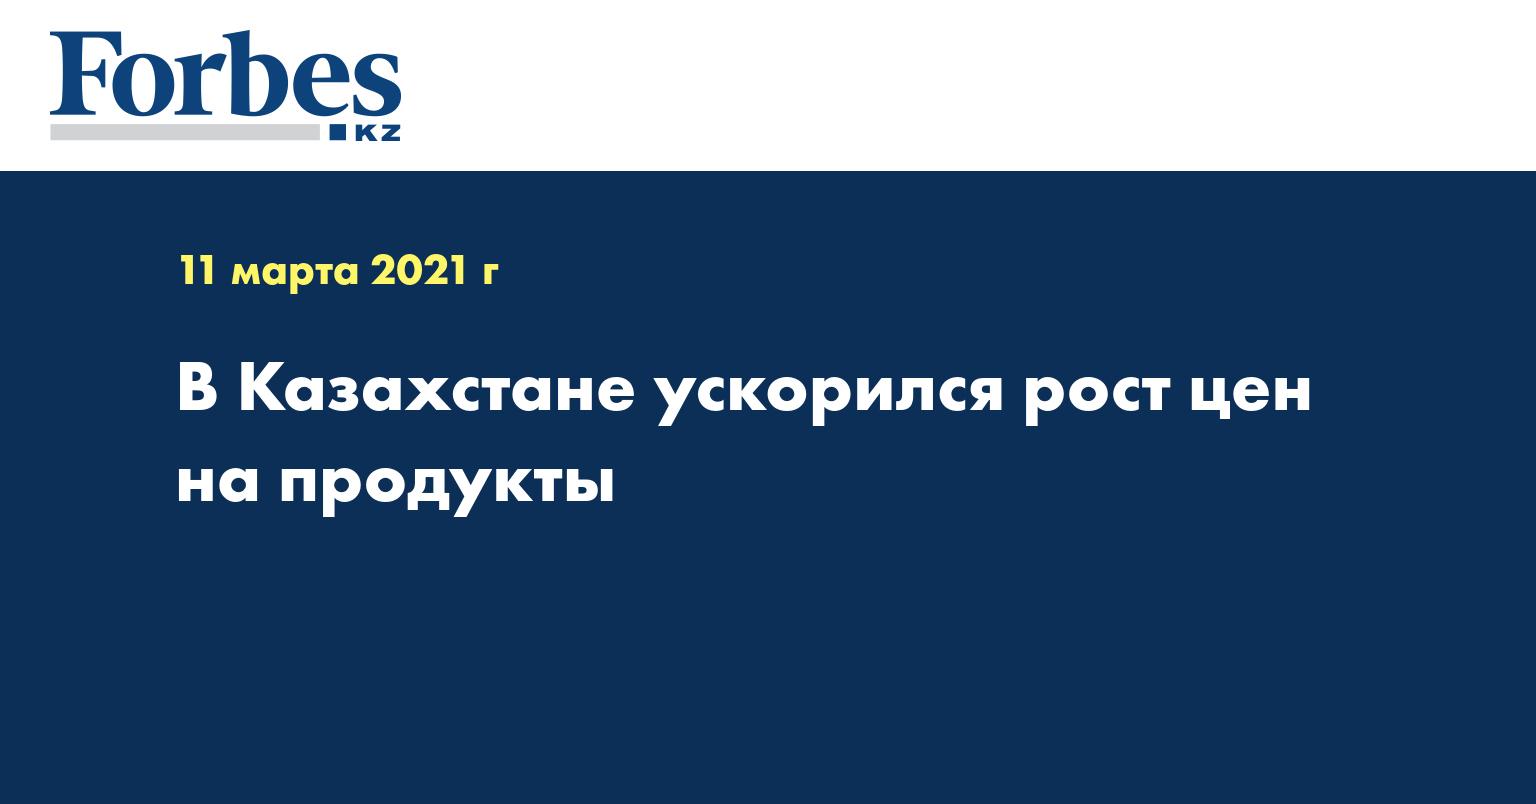 В Казахстане ускорился рост цен на продукты